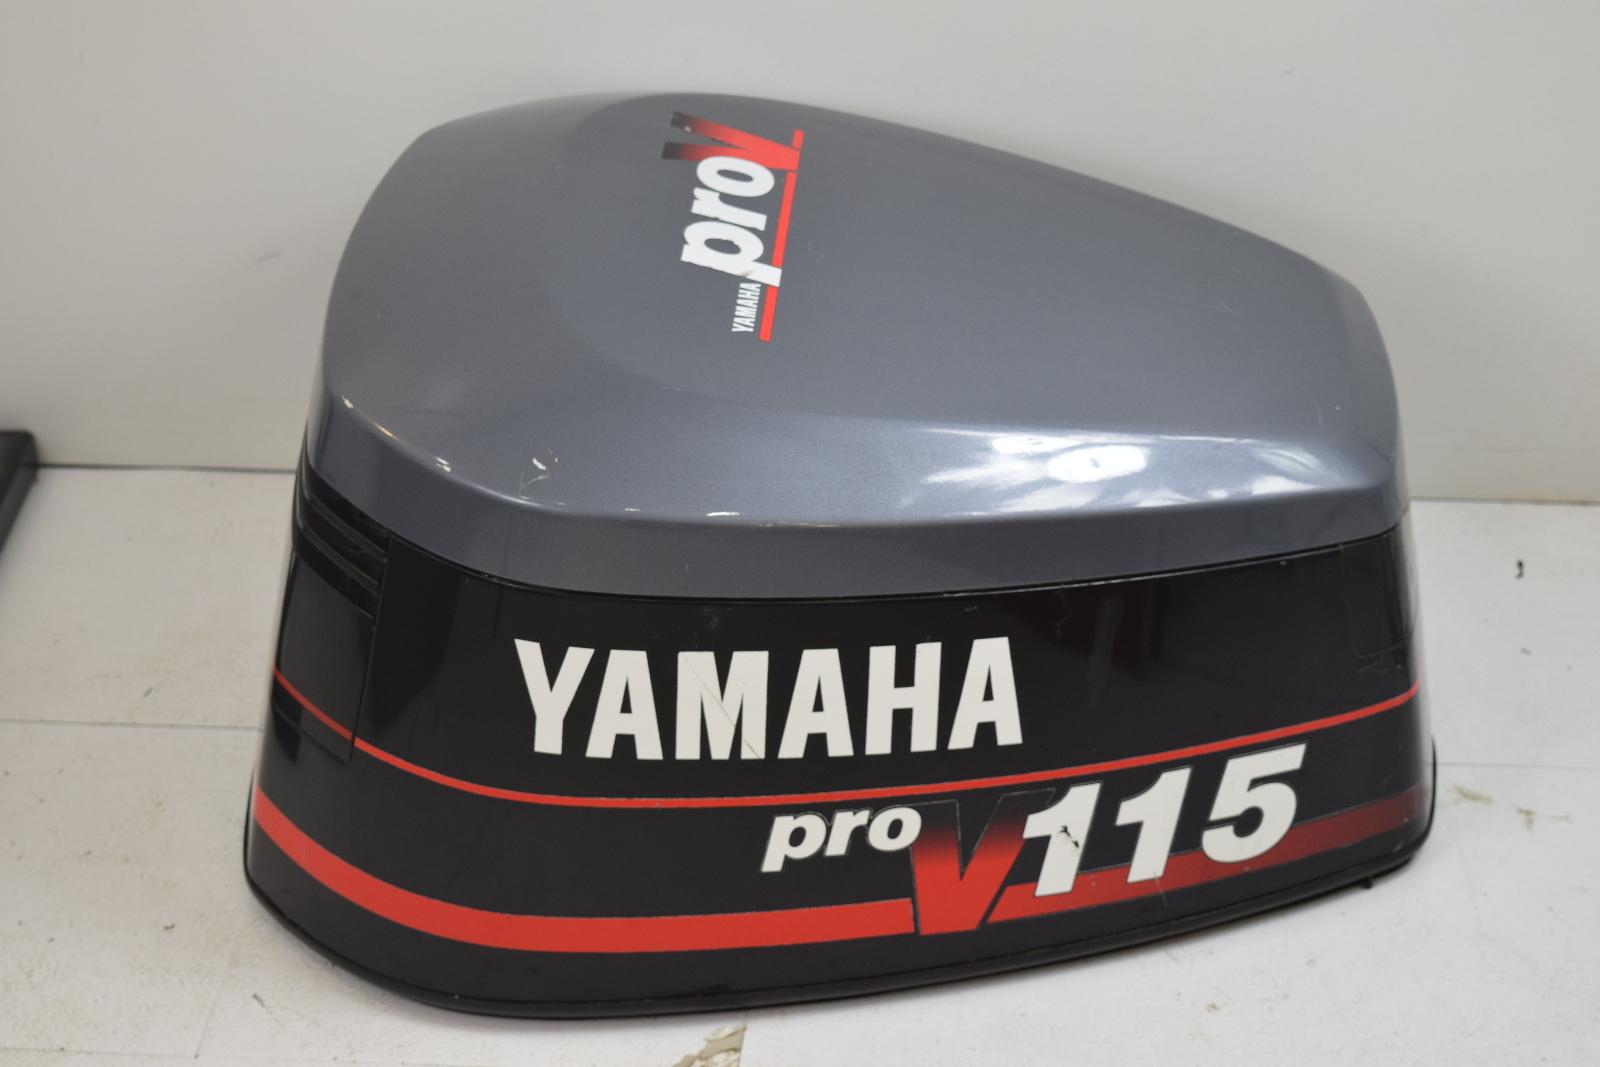 1990-1993 Yamaha Top Cowling Hood Cover 6N6-42610-70-EK 115 HP V4